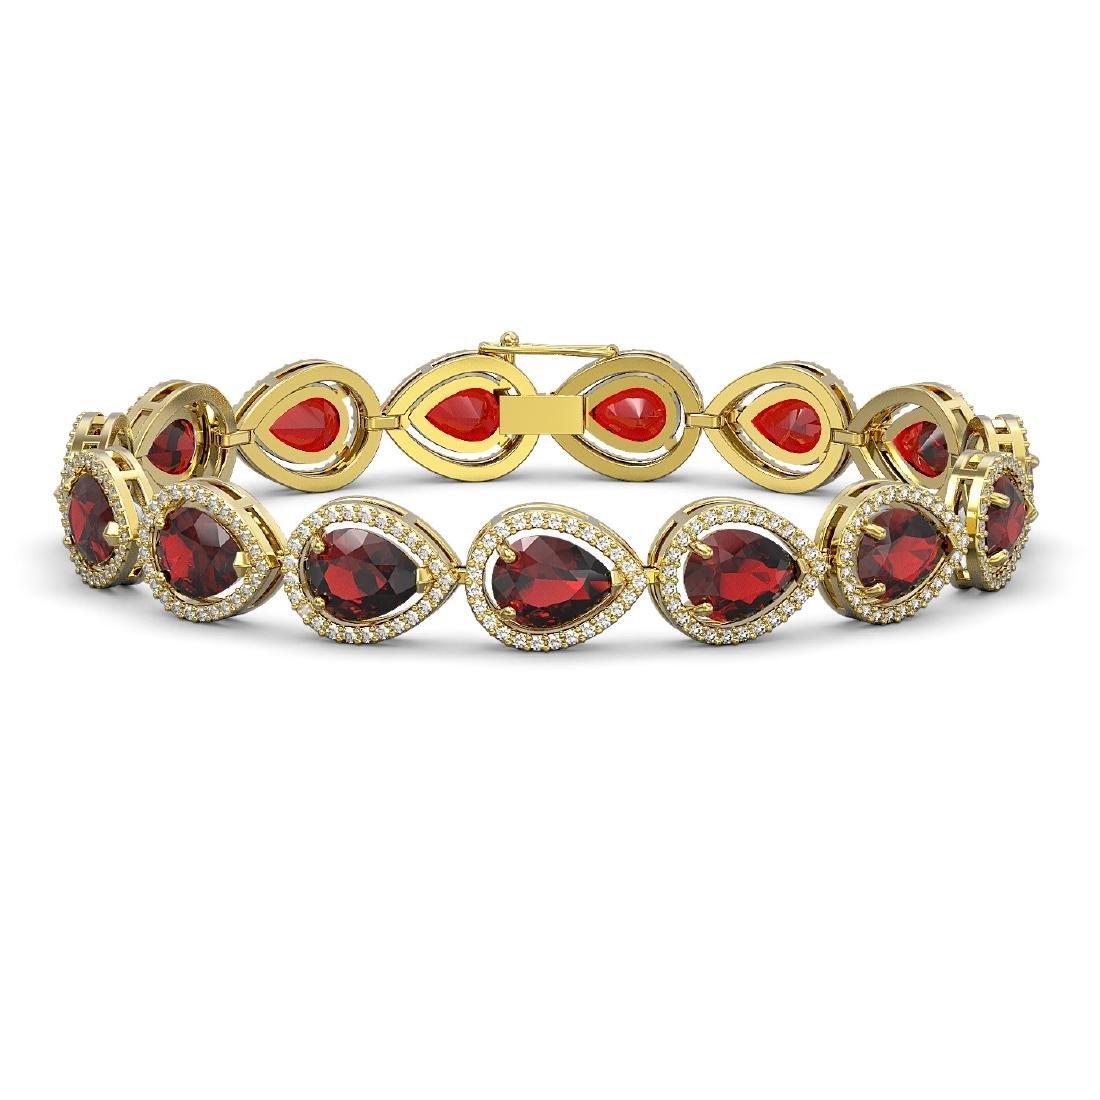 17.45 CTW Garnet & Diamond Halo Bracelet 10K Yellow